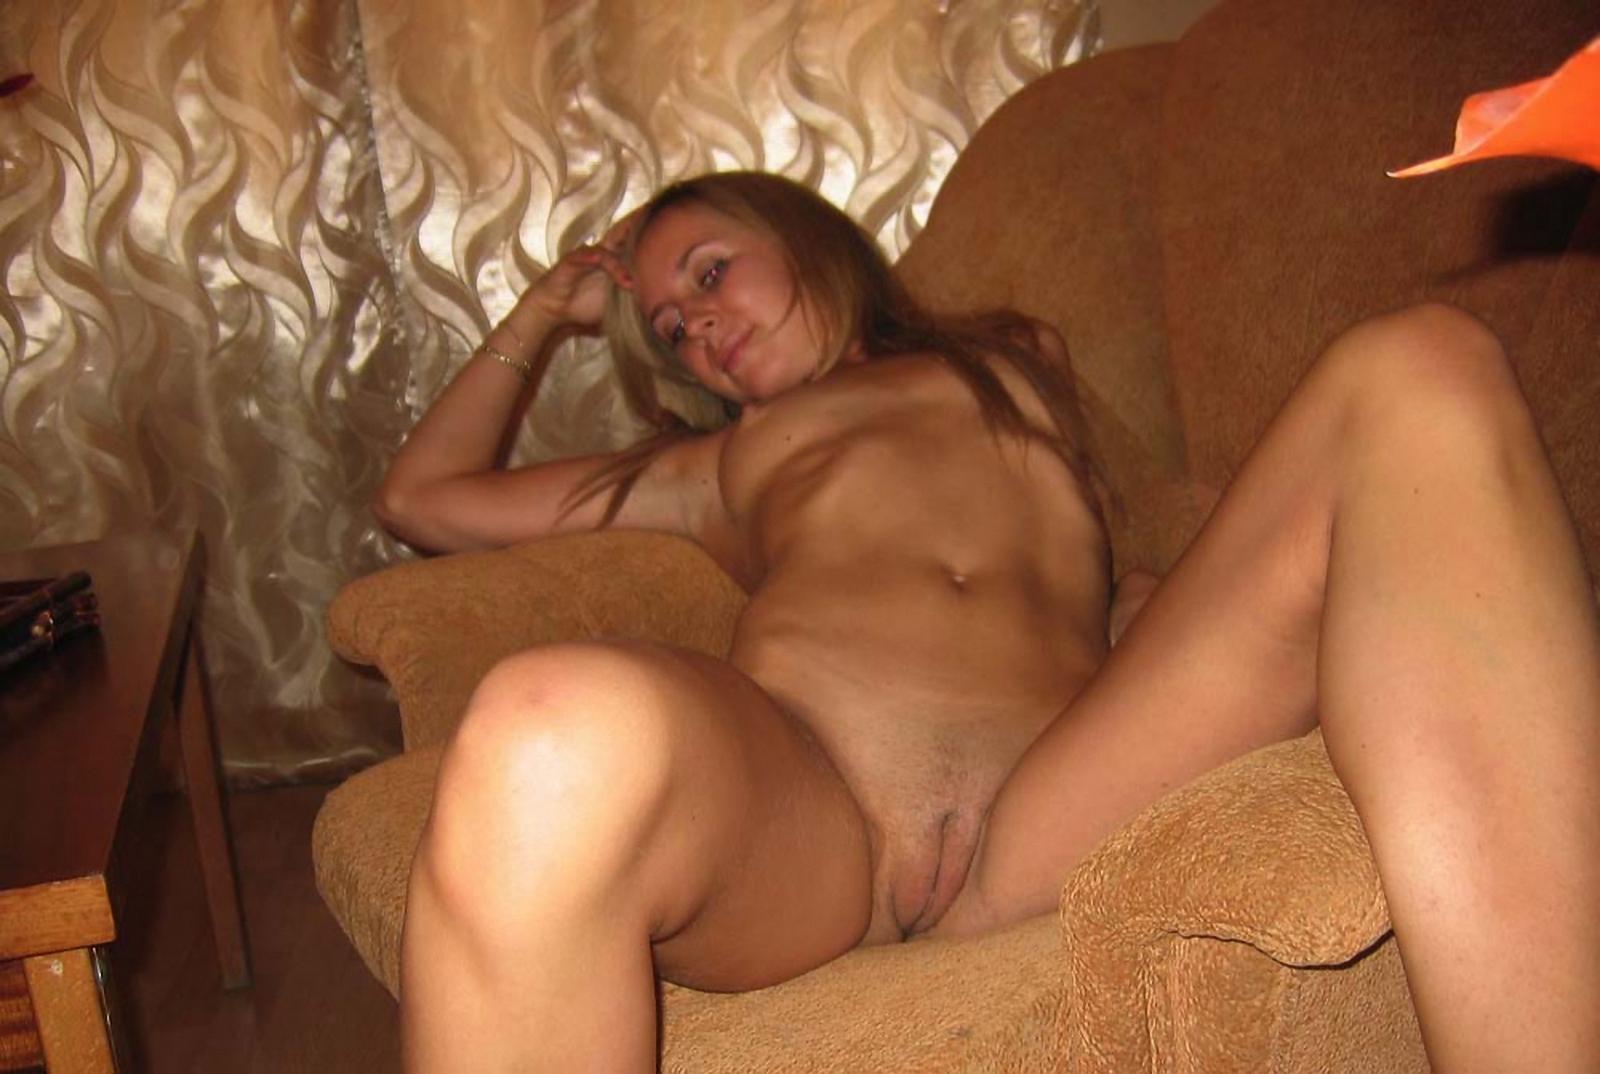 обмен секс фото г альметьевск